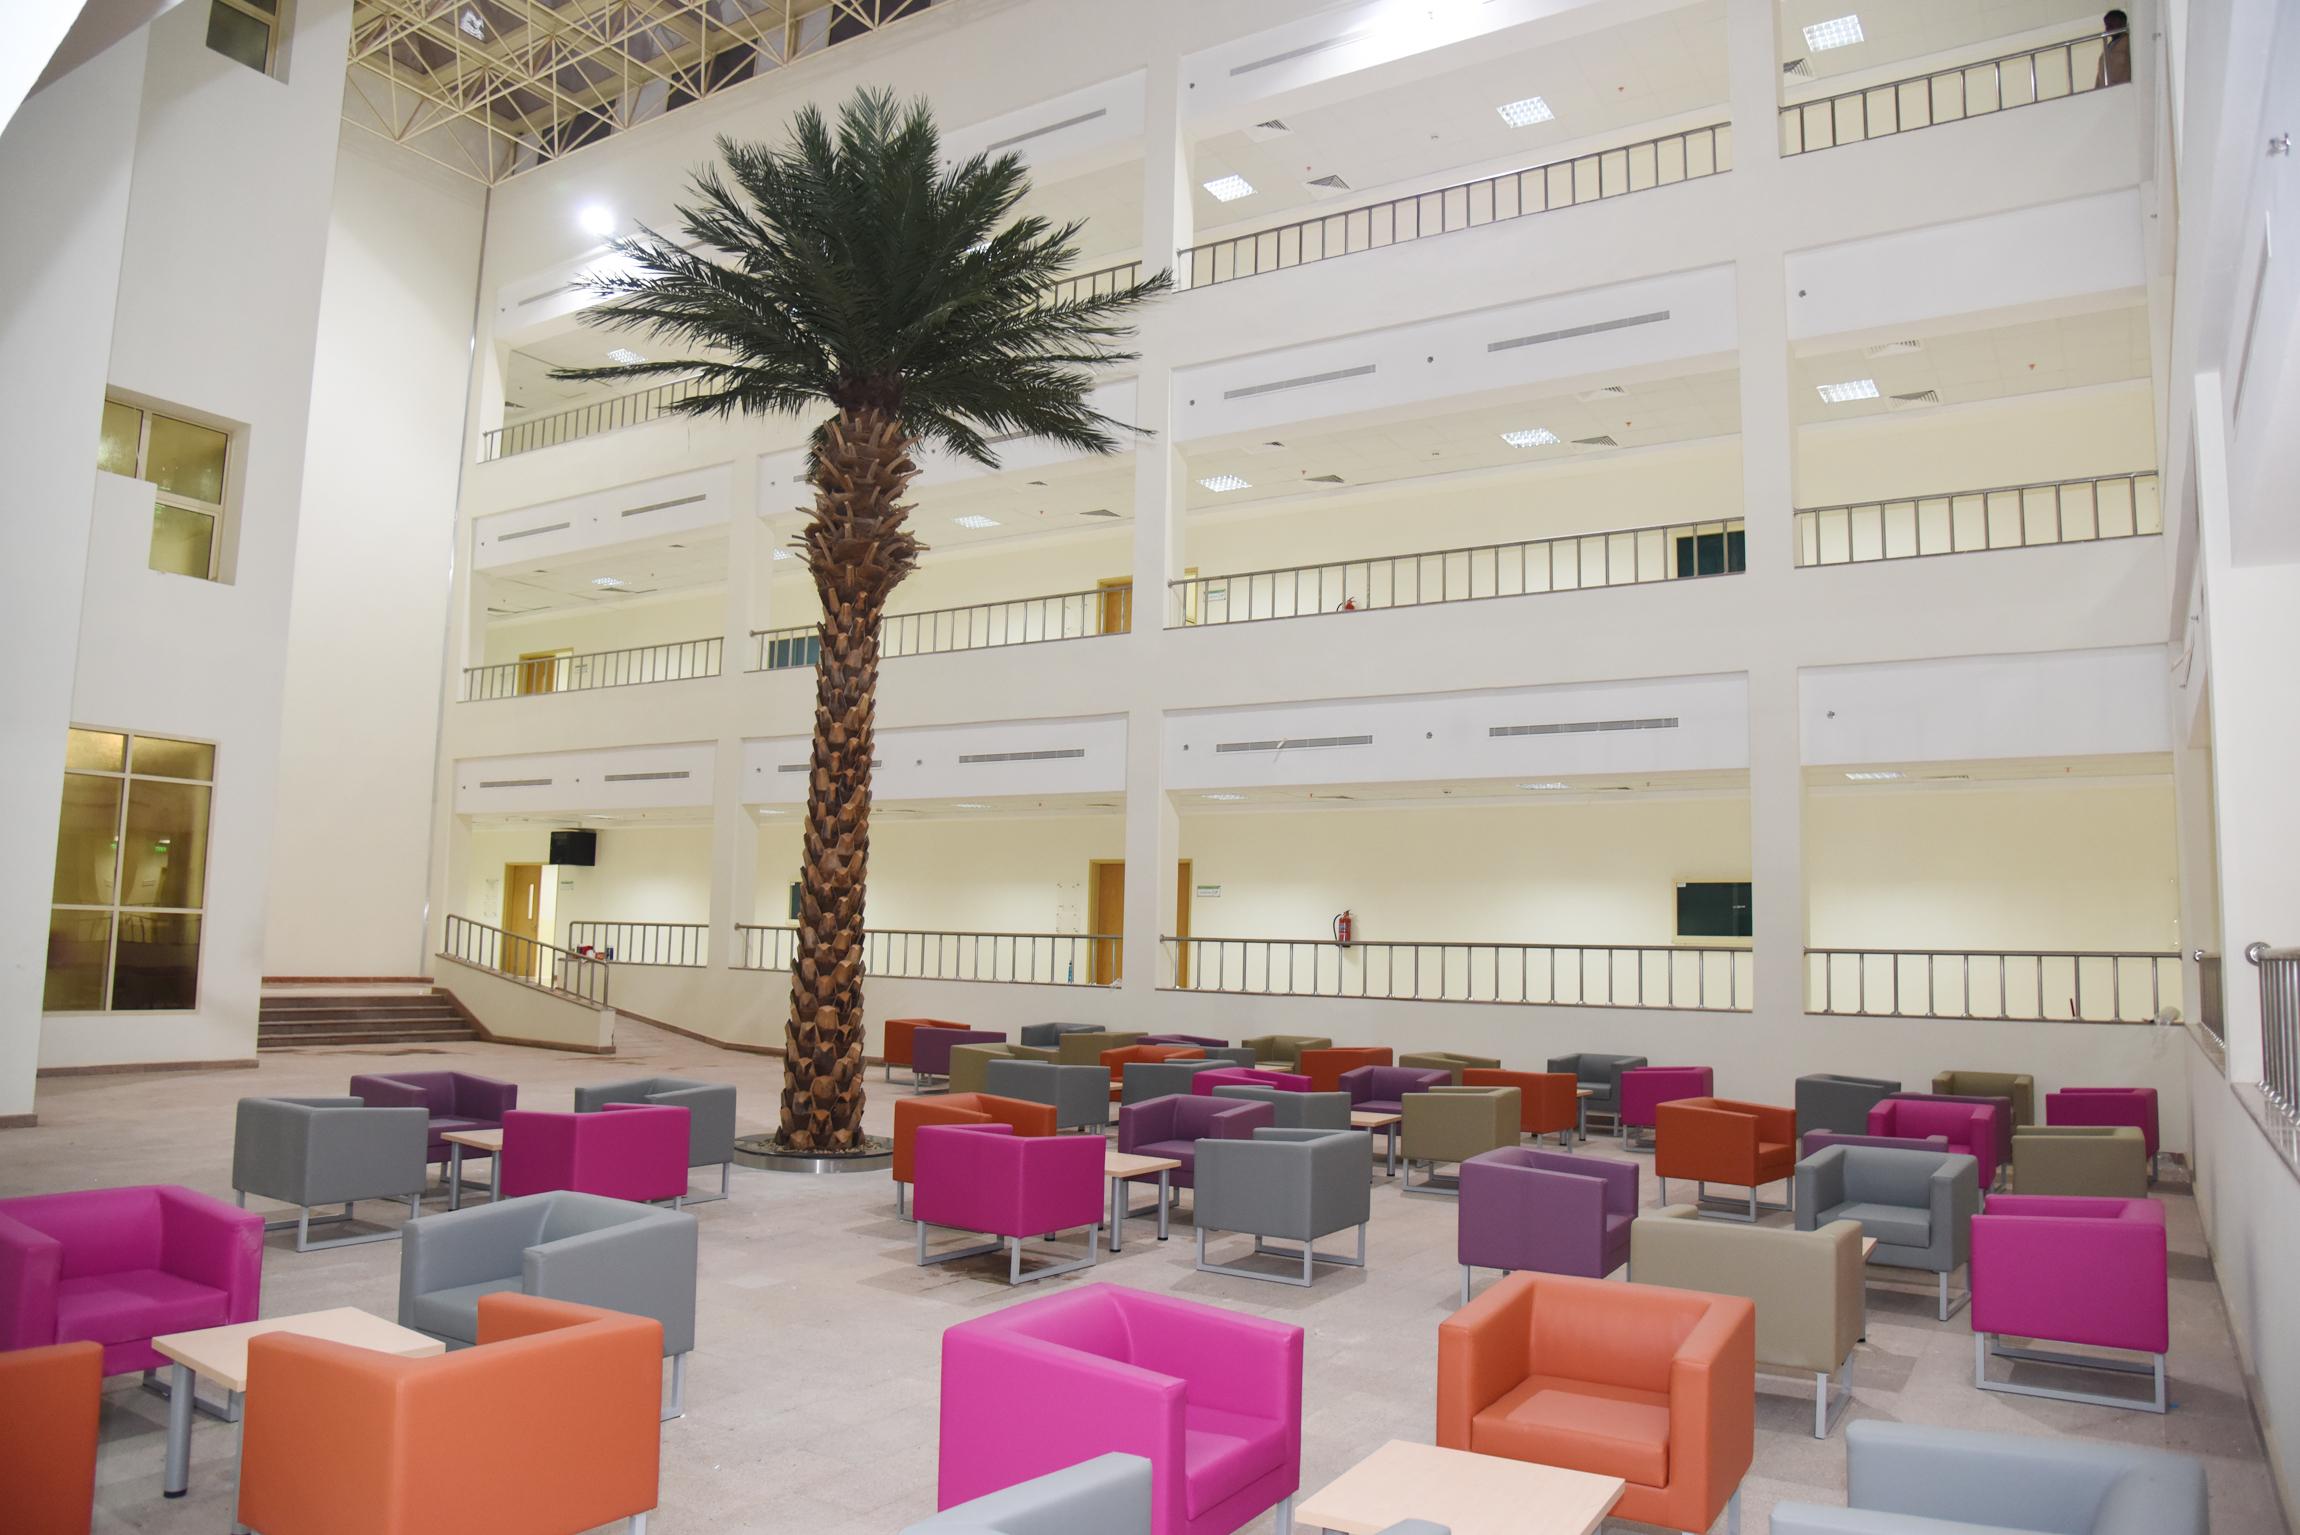 وكيل جامعة الأمير سطام بن عبد العزيز يقف على جاهزية مبنى كلية